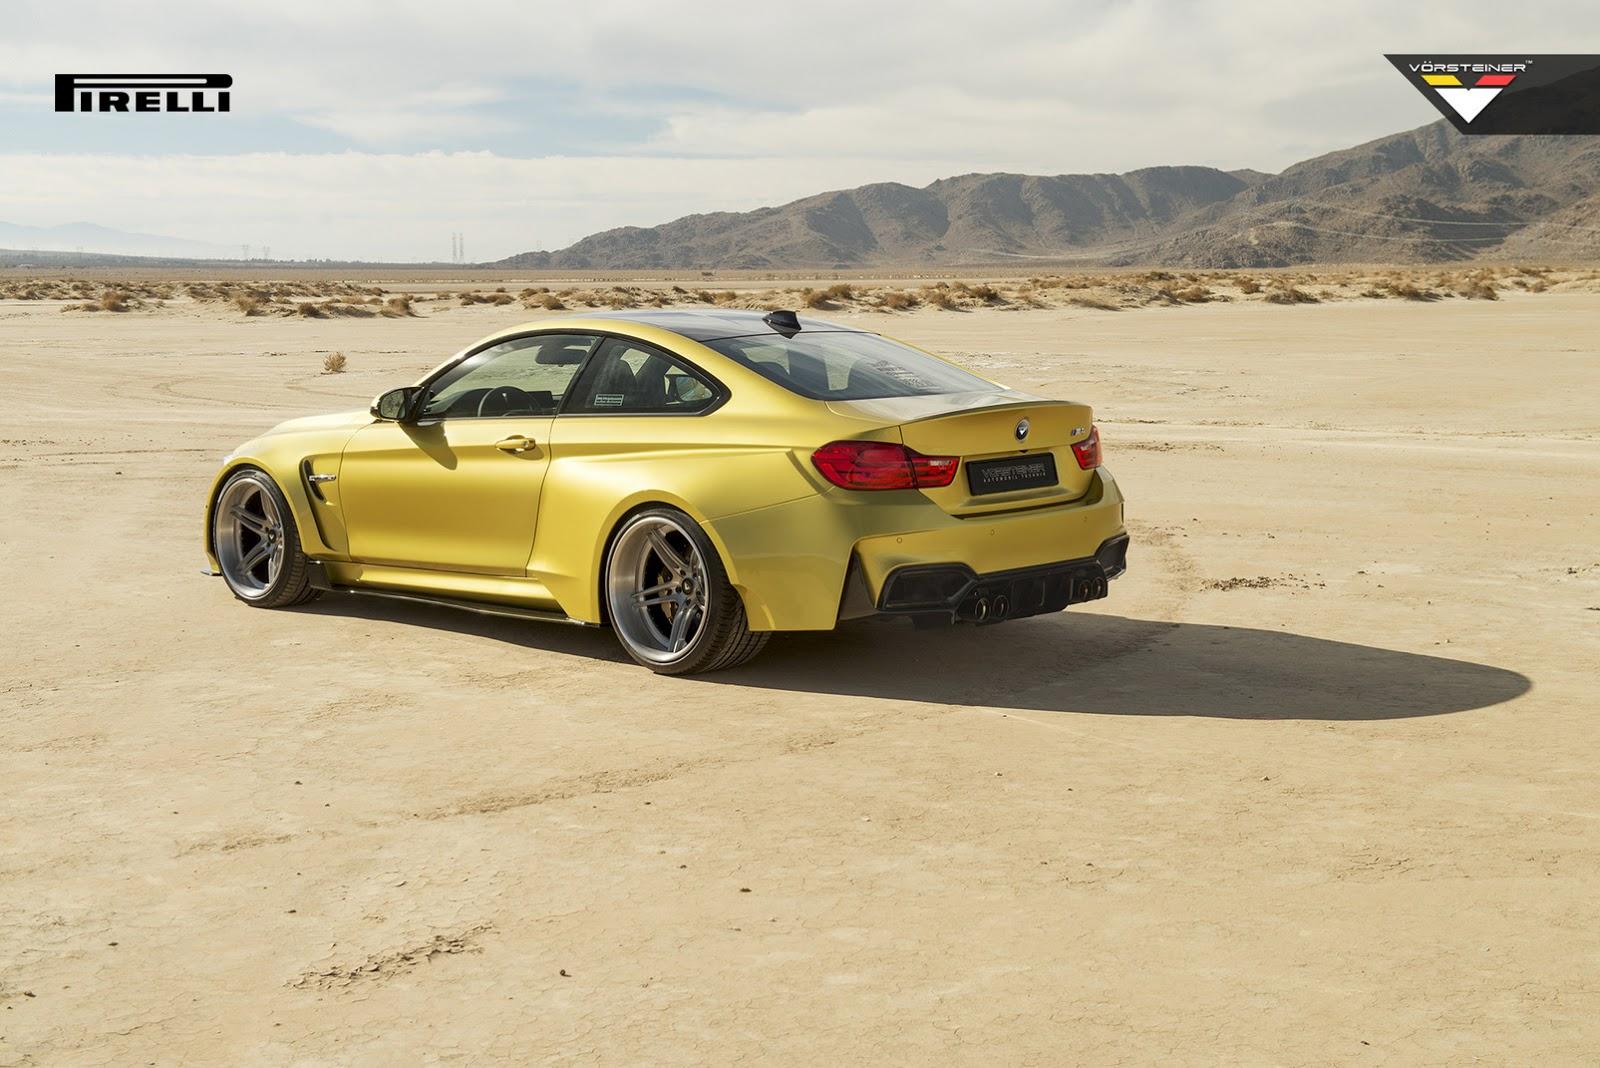 http://2.bp.blogspot.com/-d36FCJdEjp4/VHOhgg6H2cI/AAAAAAAAdCk/1yv1ko5JOfw/s1600/BMW-M4-GTRS4-34.jpg